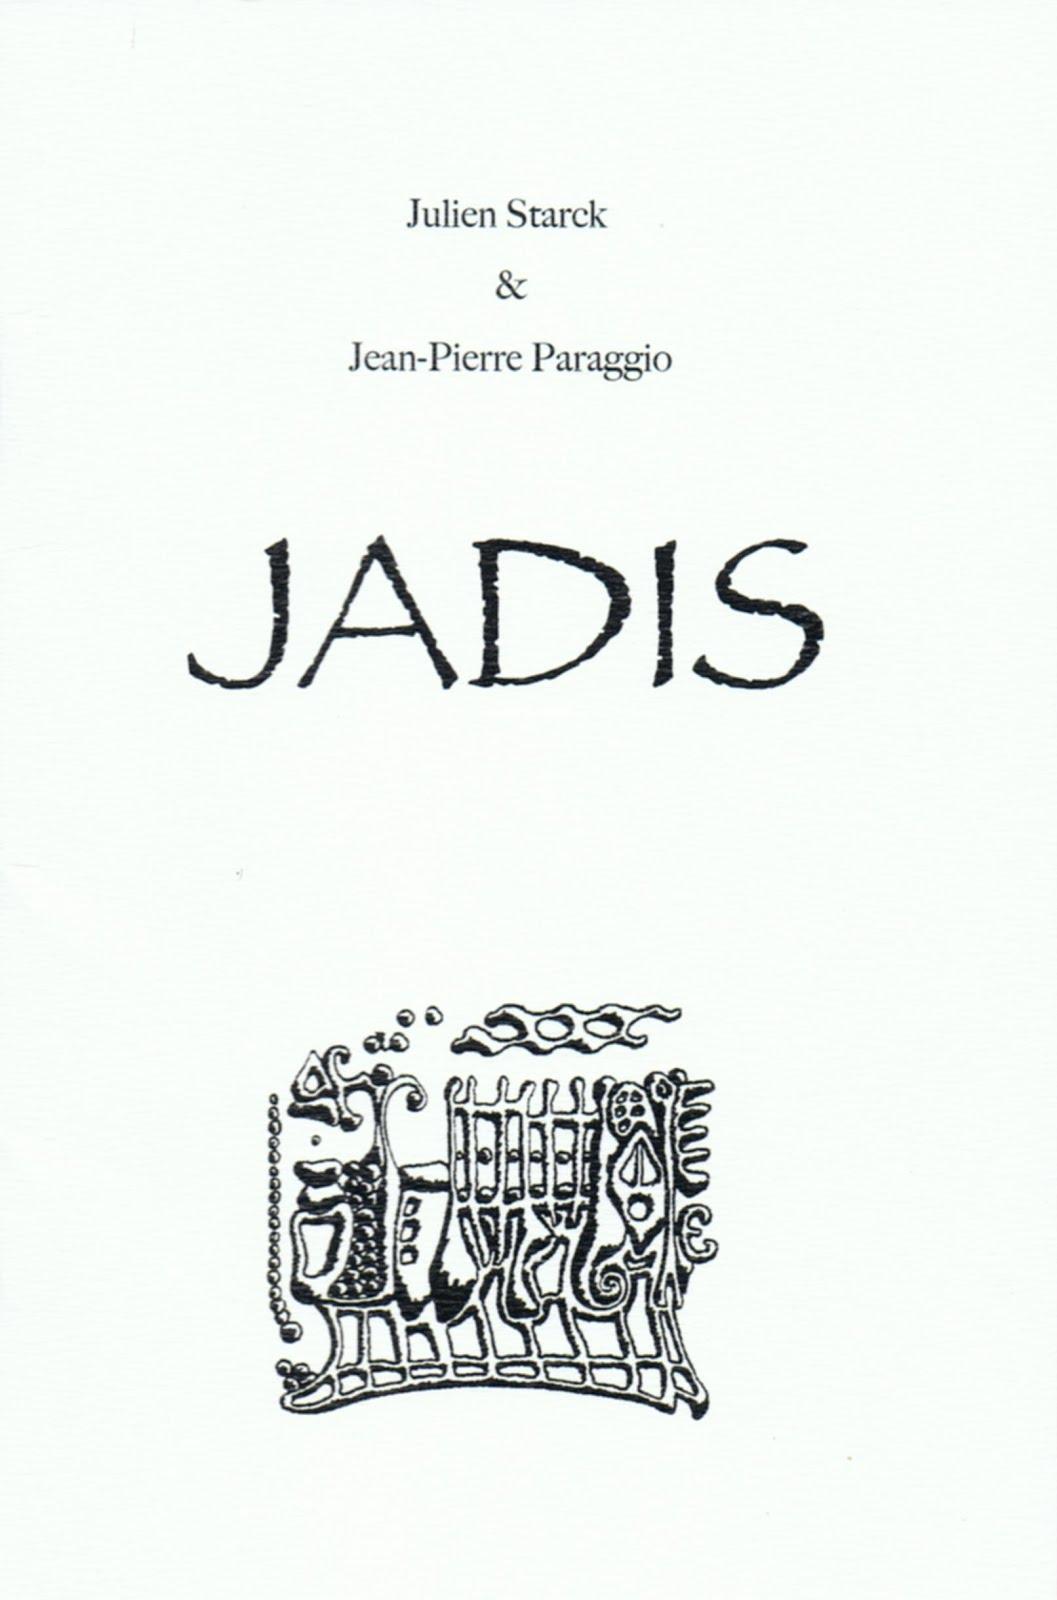 JADIS Julien STARCK, Images Jean-Pierre PARAGGIO, HORS-SÉRIE